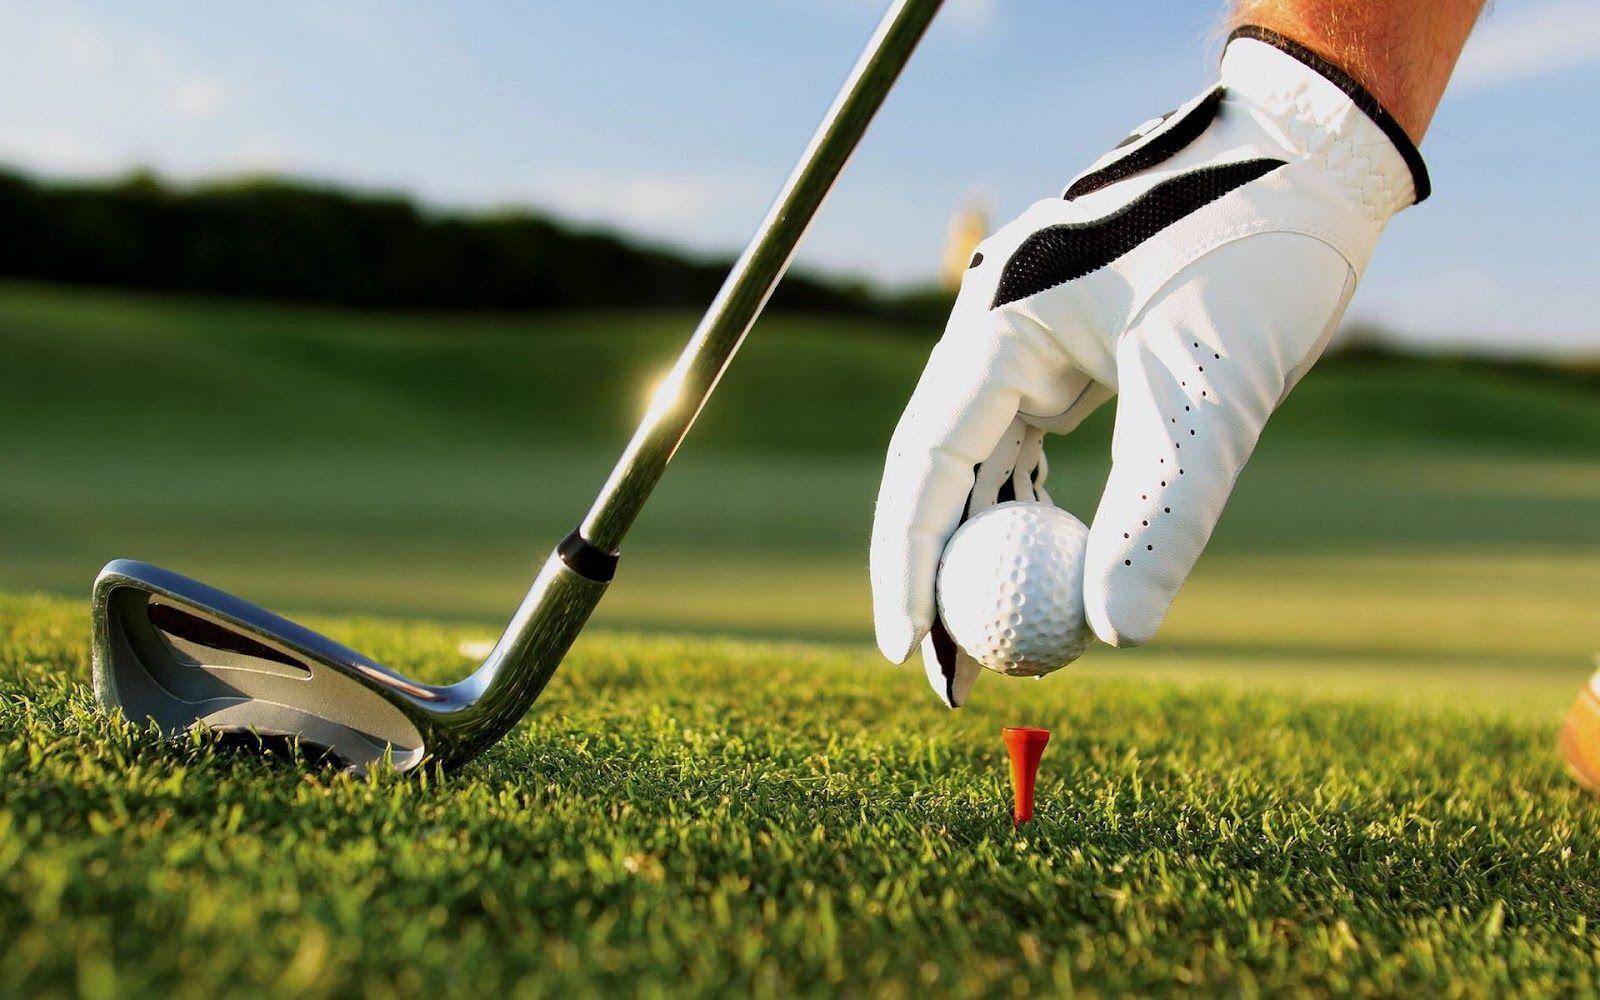 спорт sports гольф Golf  № 3310279 бесплатно